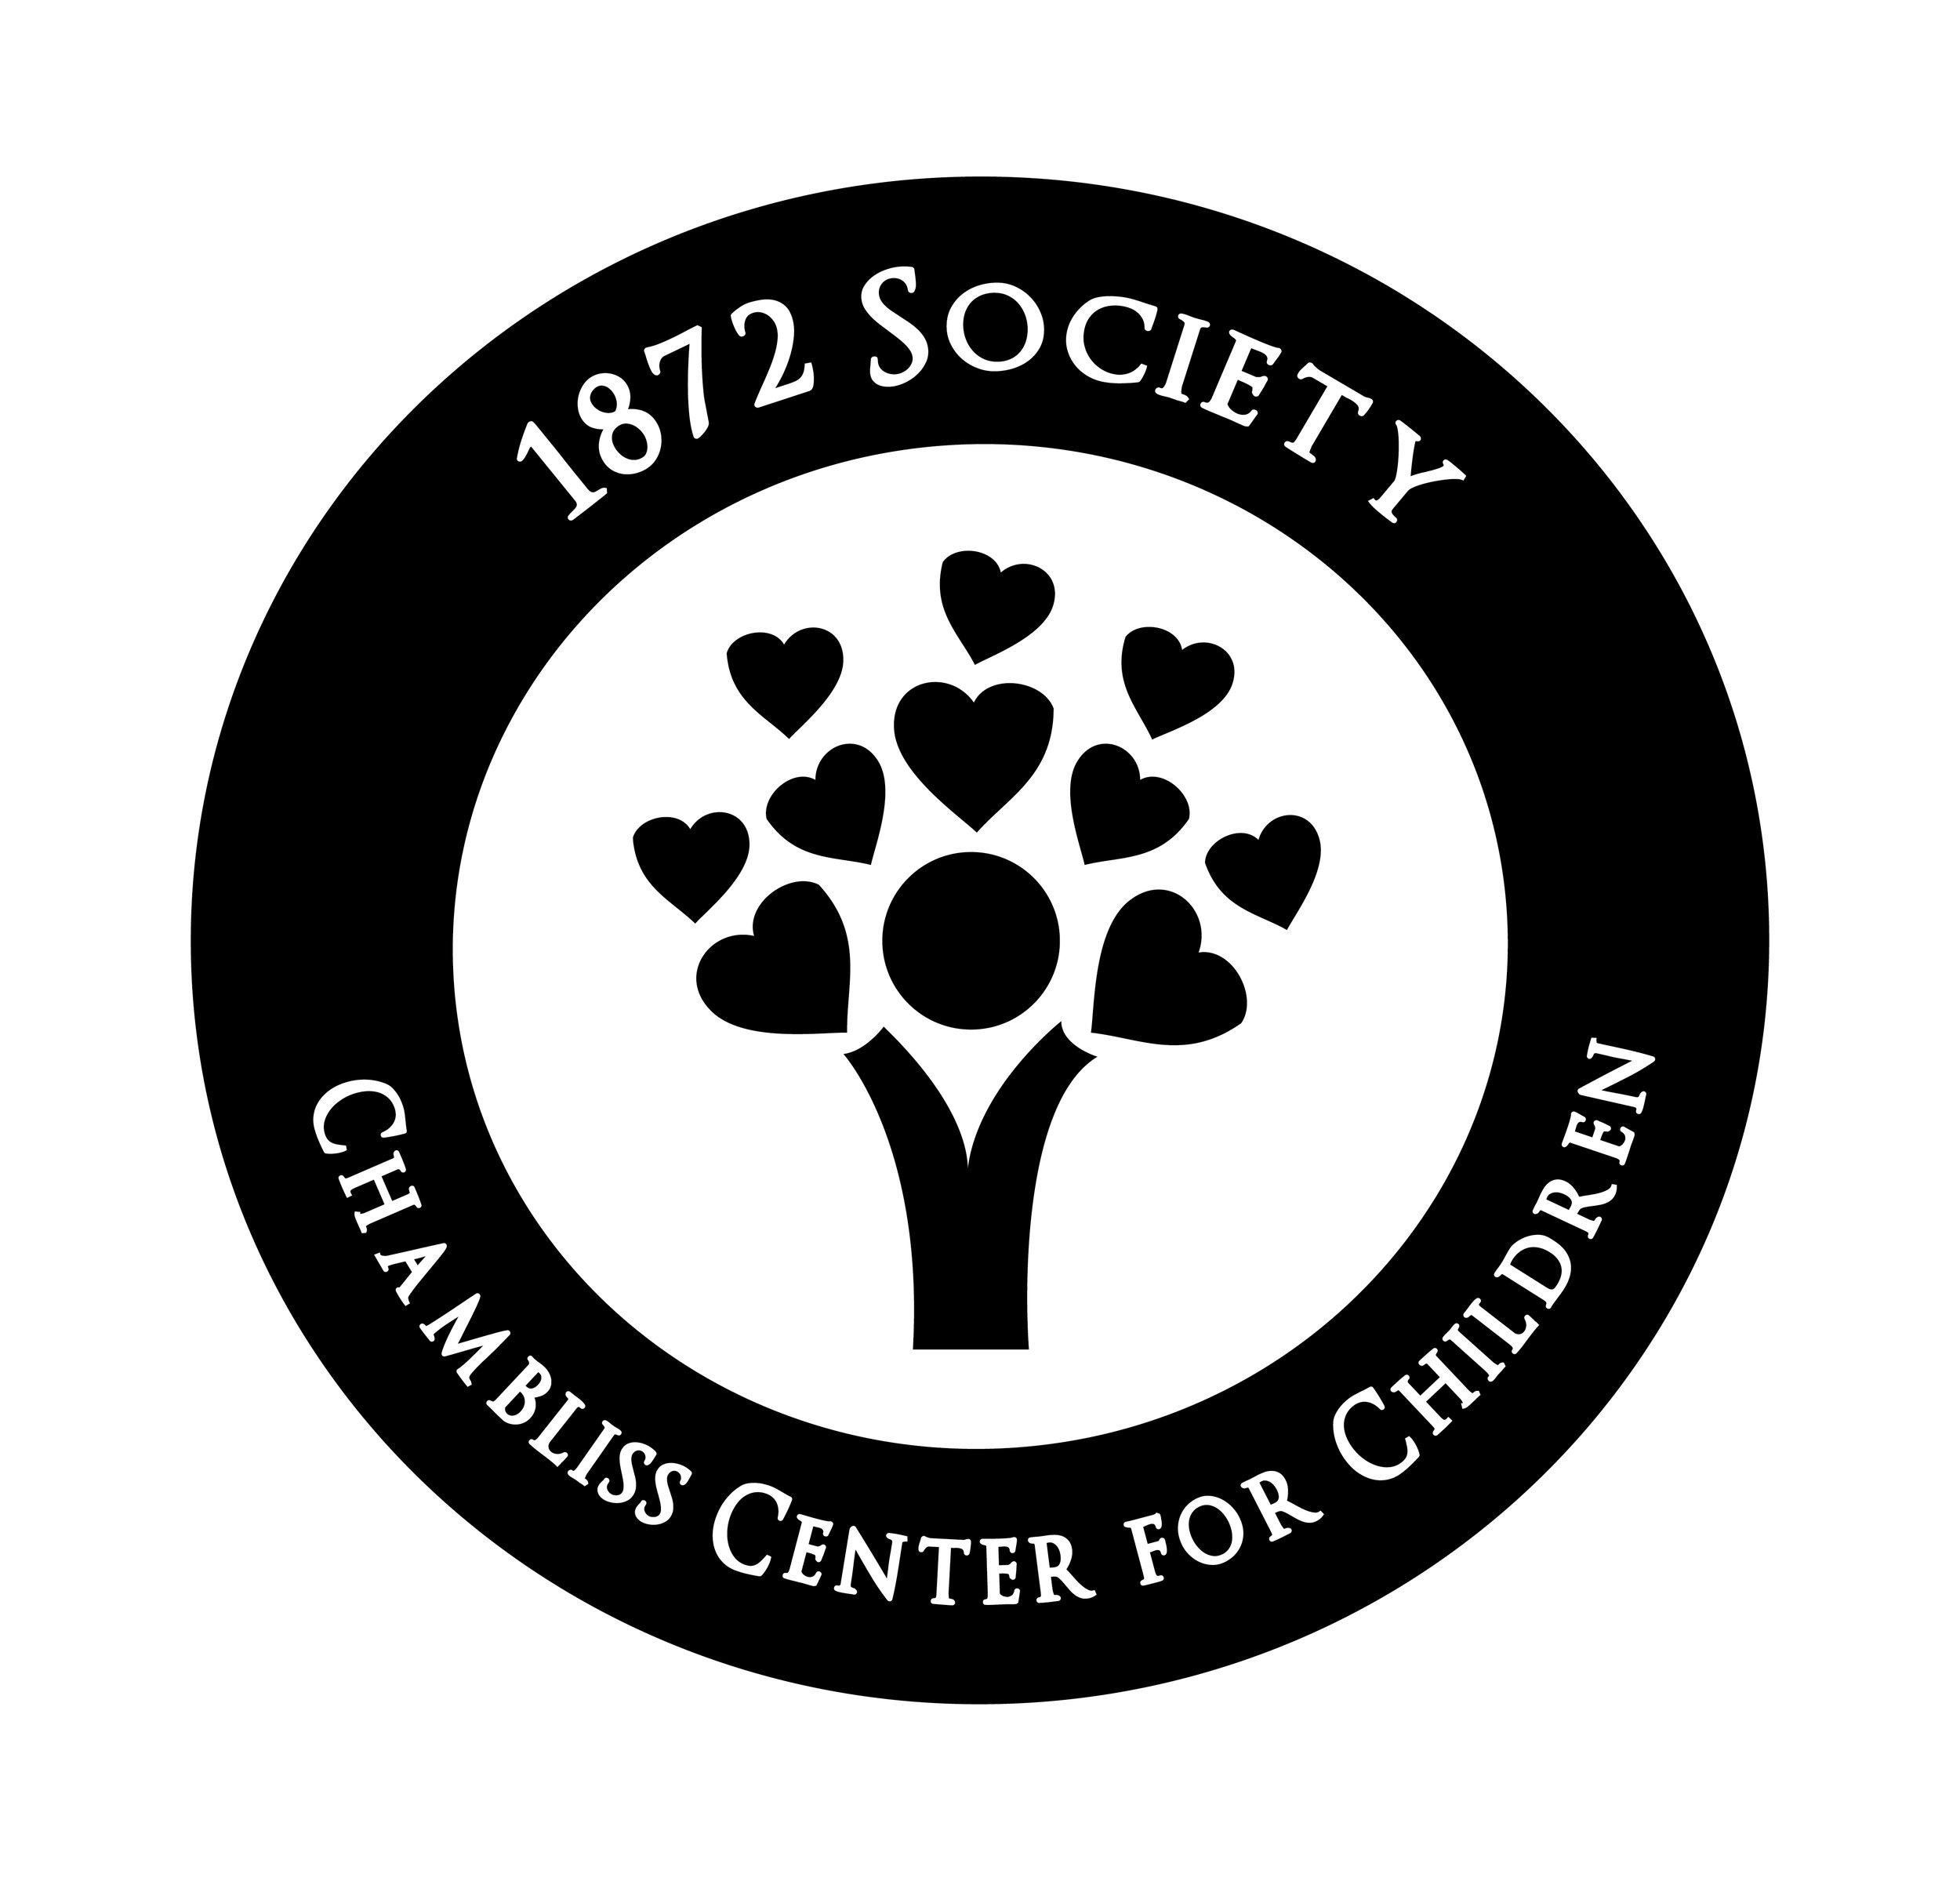 1872 Society Logo.jpg